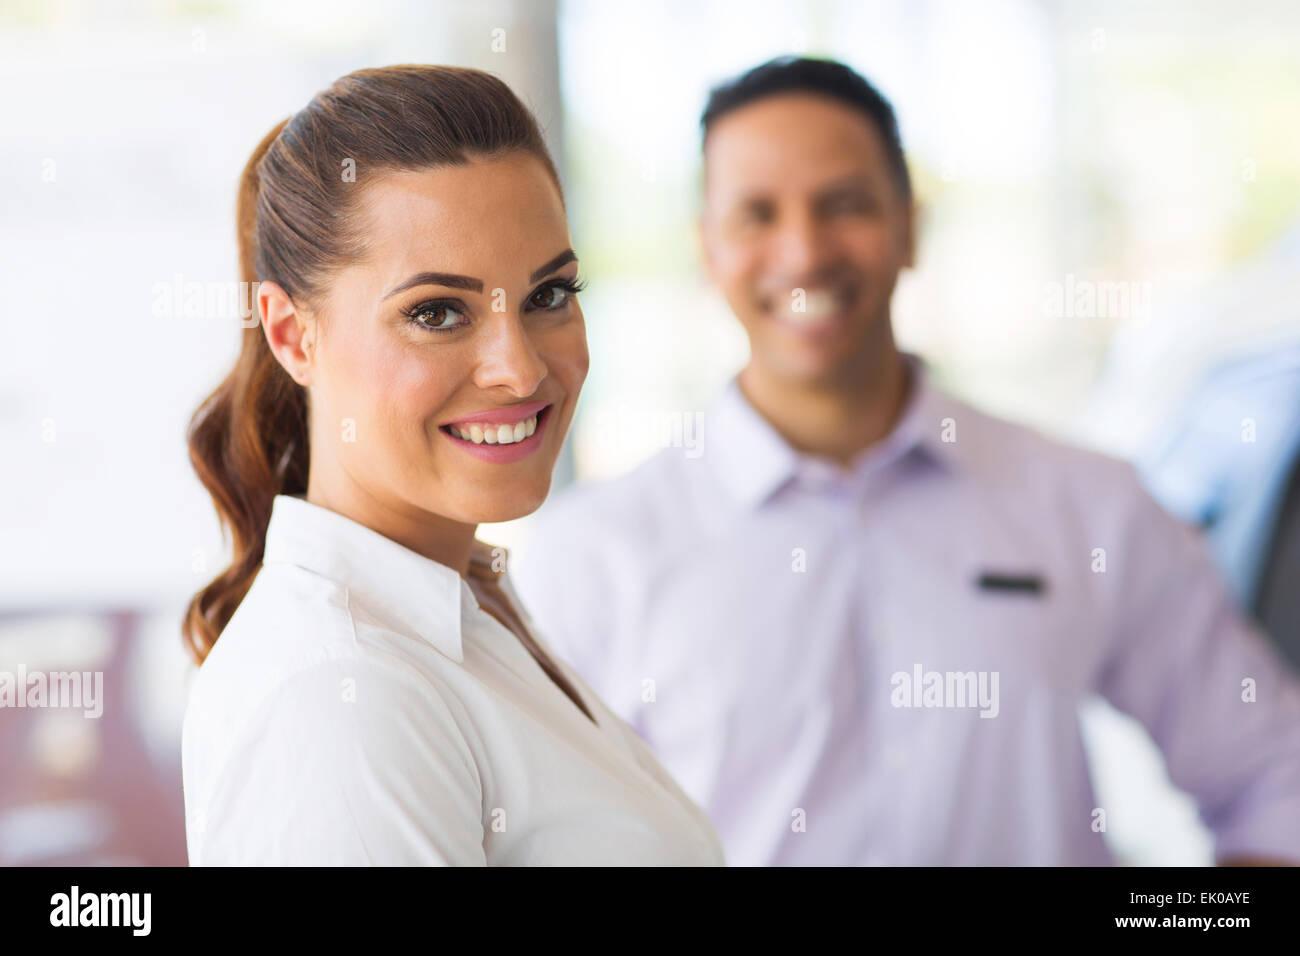 sales woman stock photos